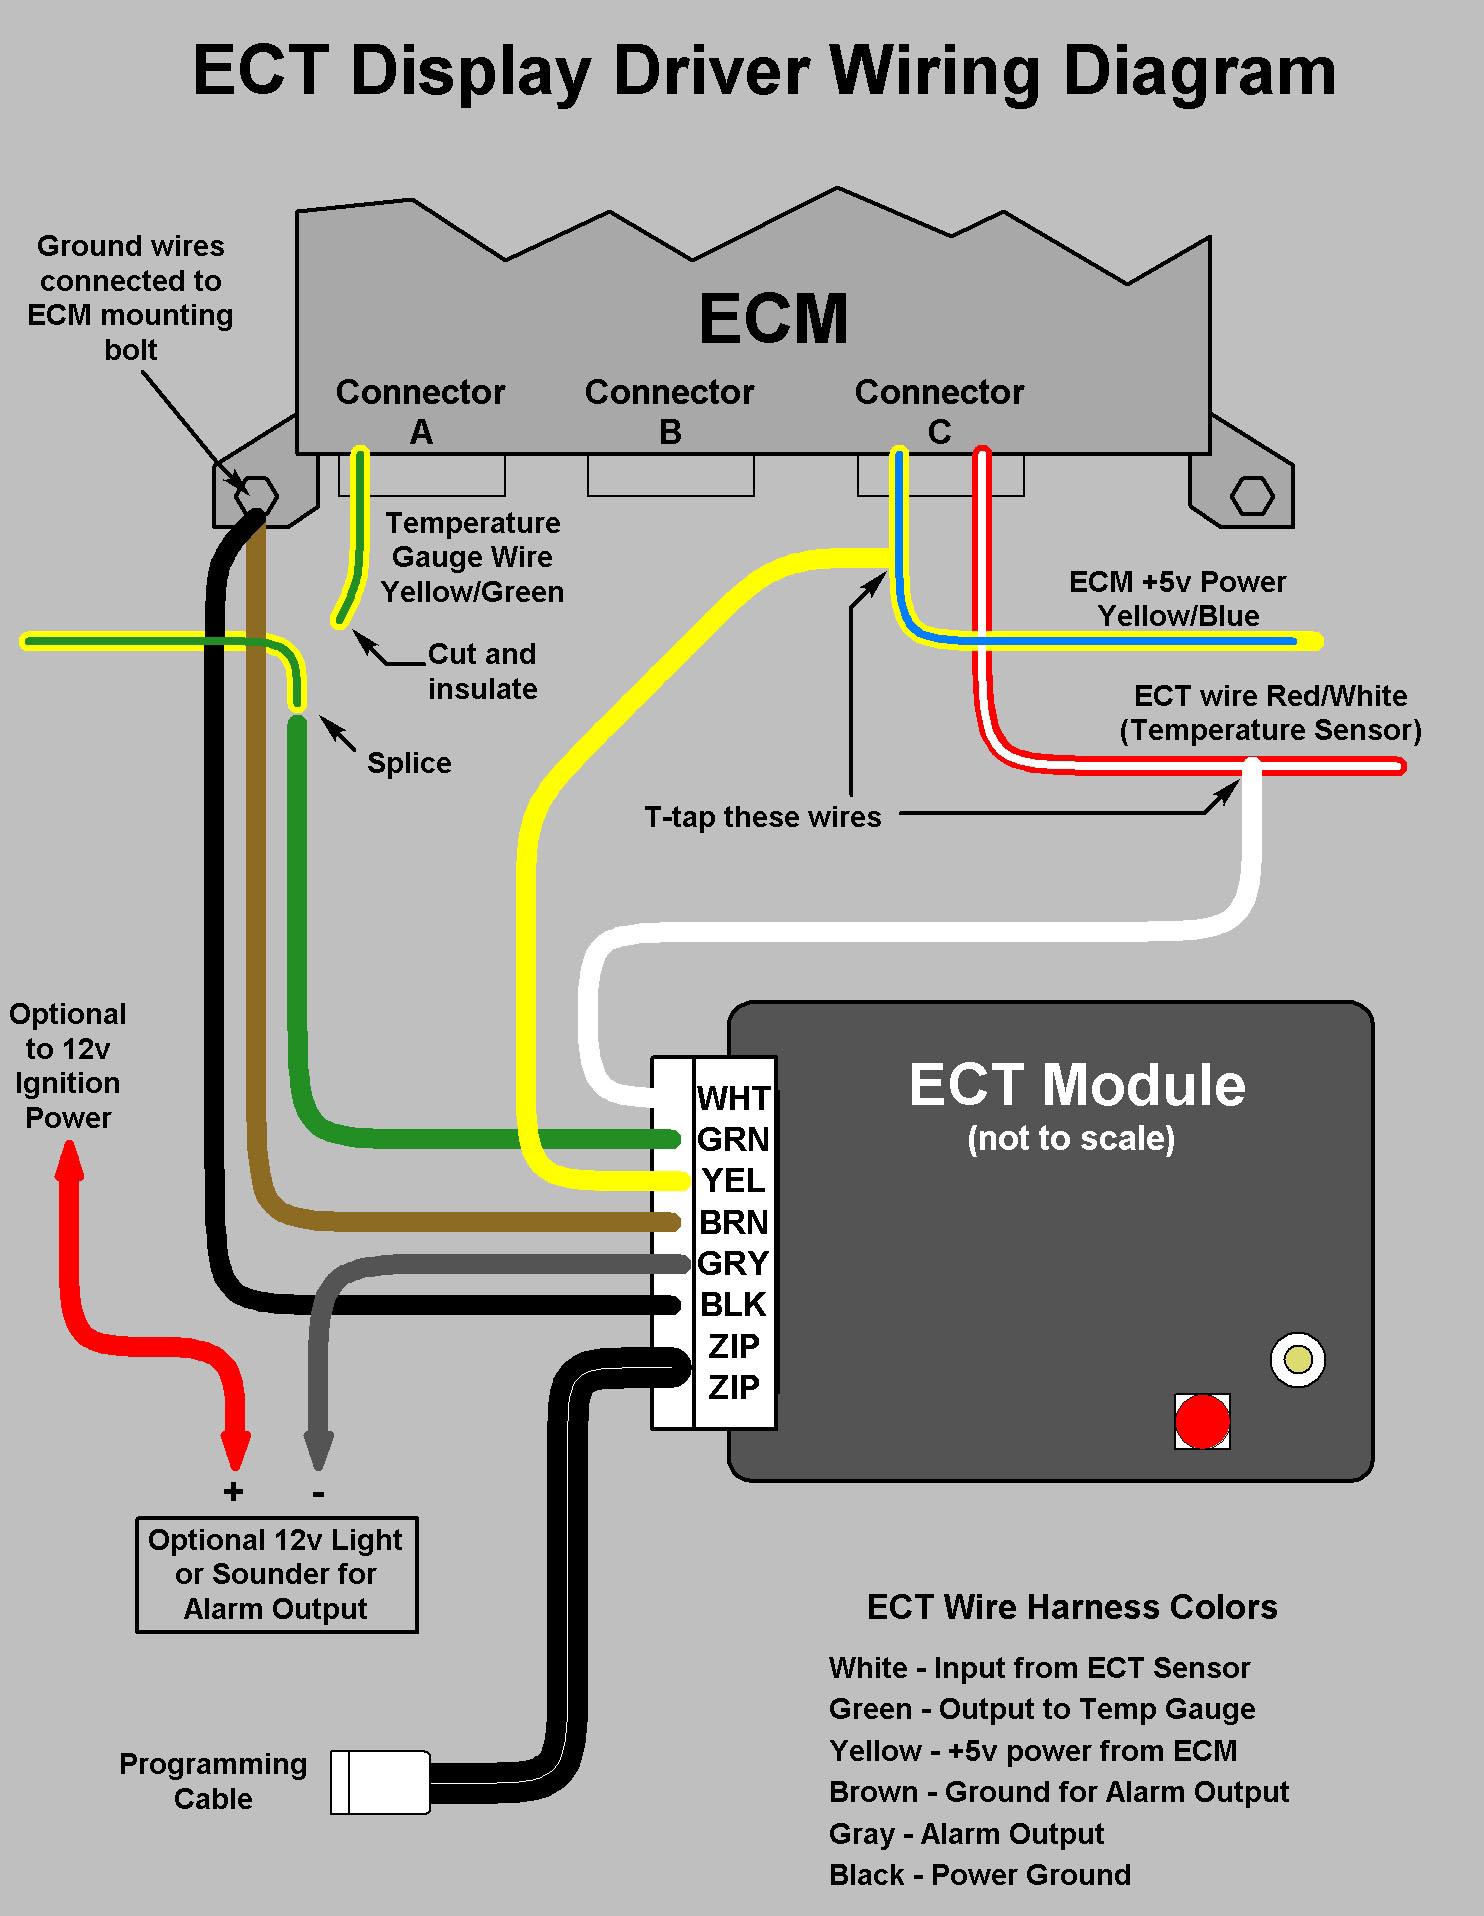 Aem Wiring Diagram - aem water methanol kit wiring diagram ... on